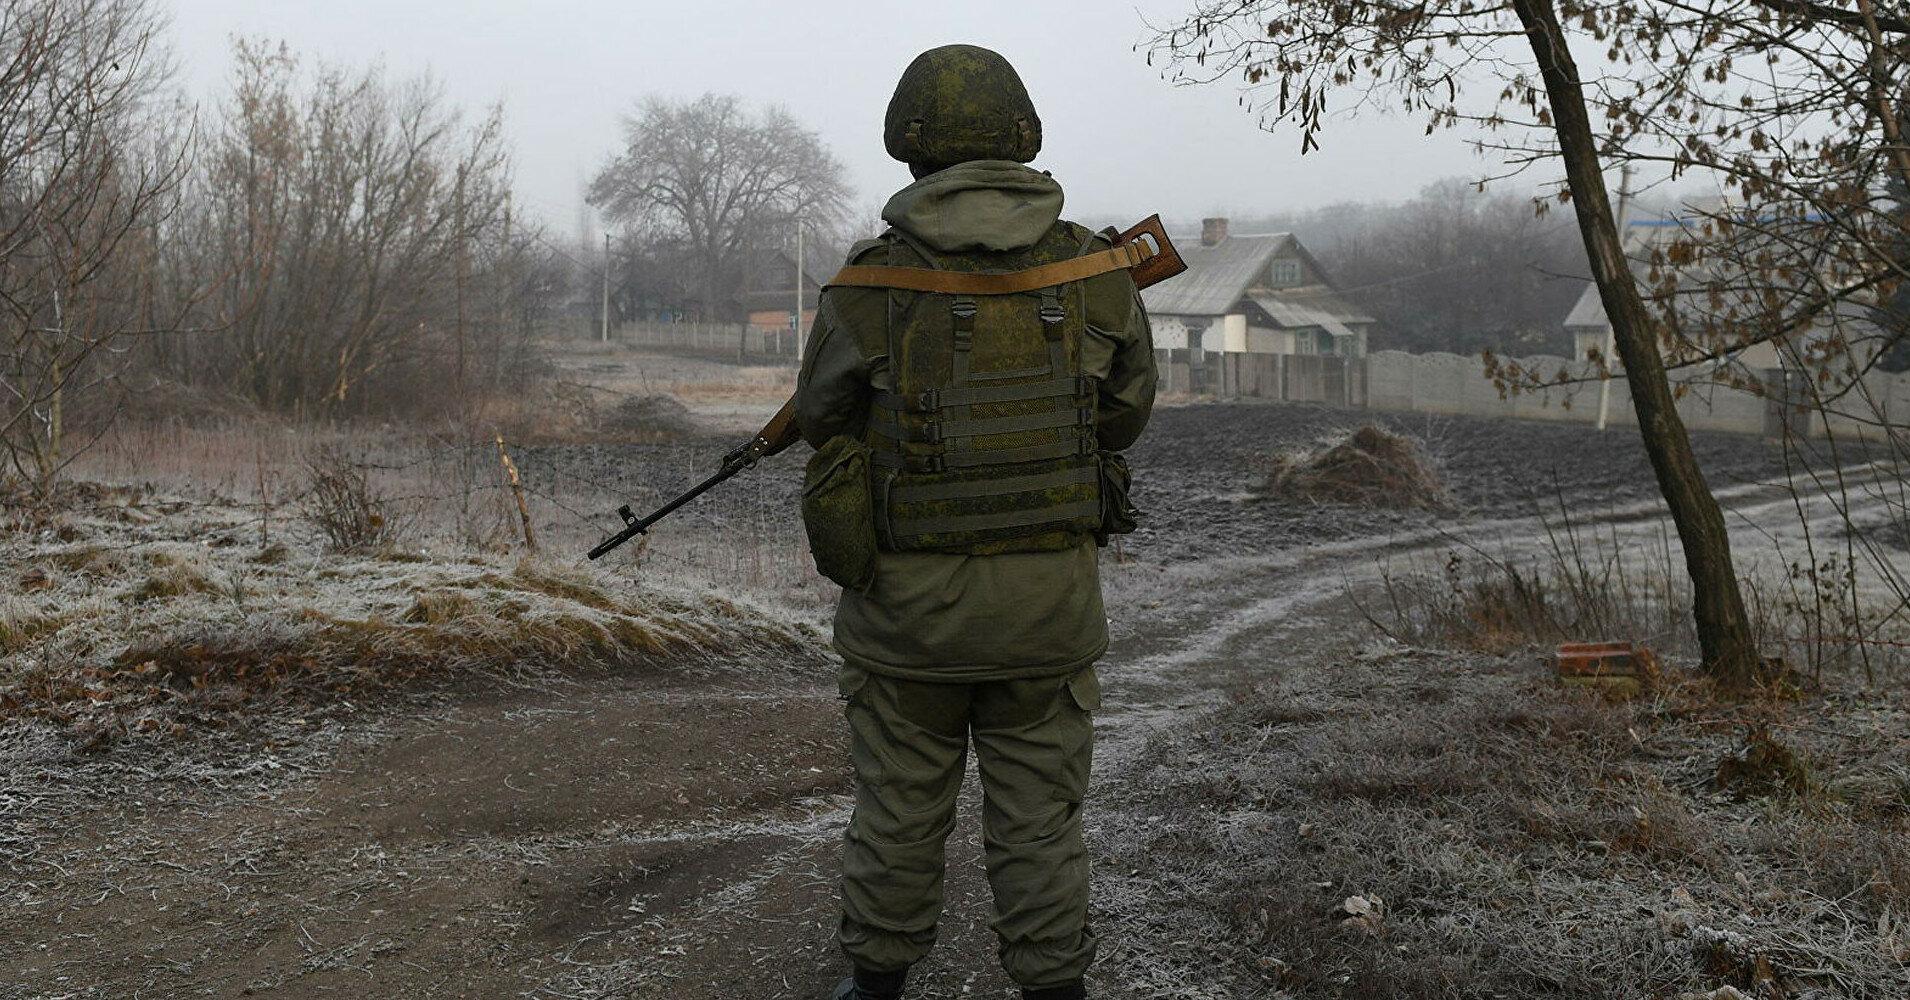 Угроза военной операции РФ против Украины остается - Кулеба